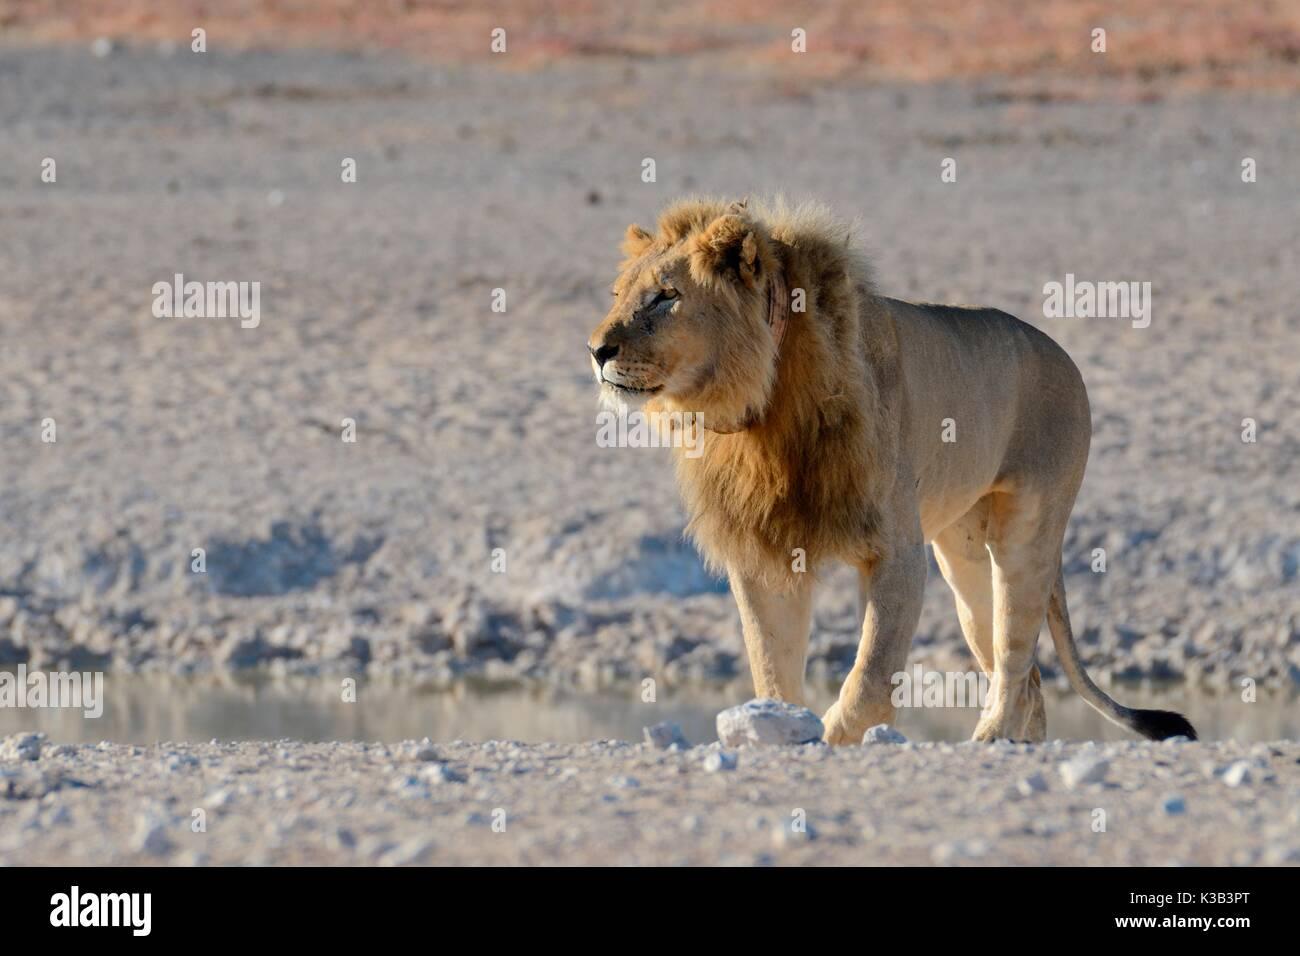 Afrikanischer Löwe (Panthera leo) an einer Wasserstelle, mit Tracking collar, Etosha Nationalpark, Namibia Stockbild